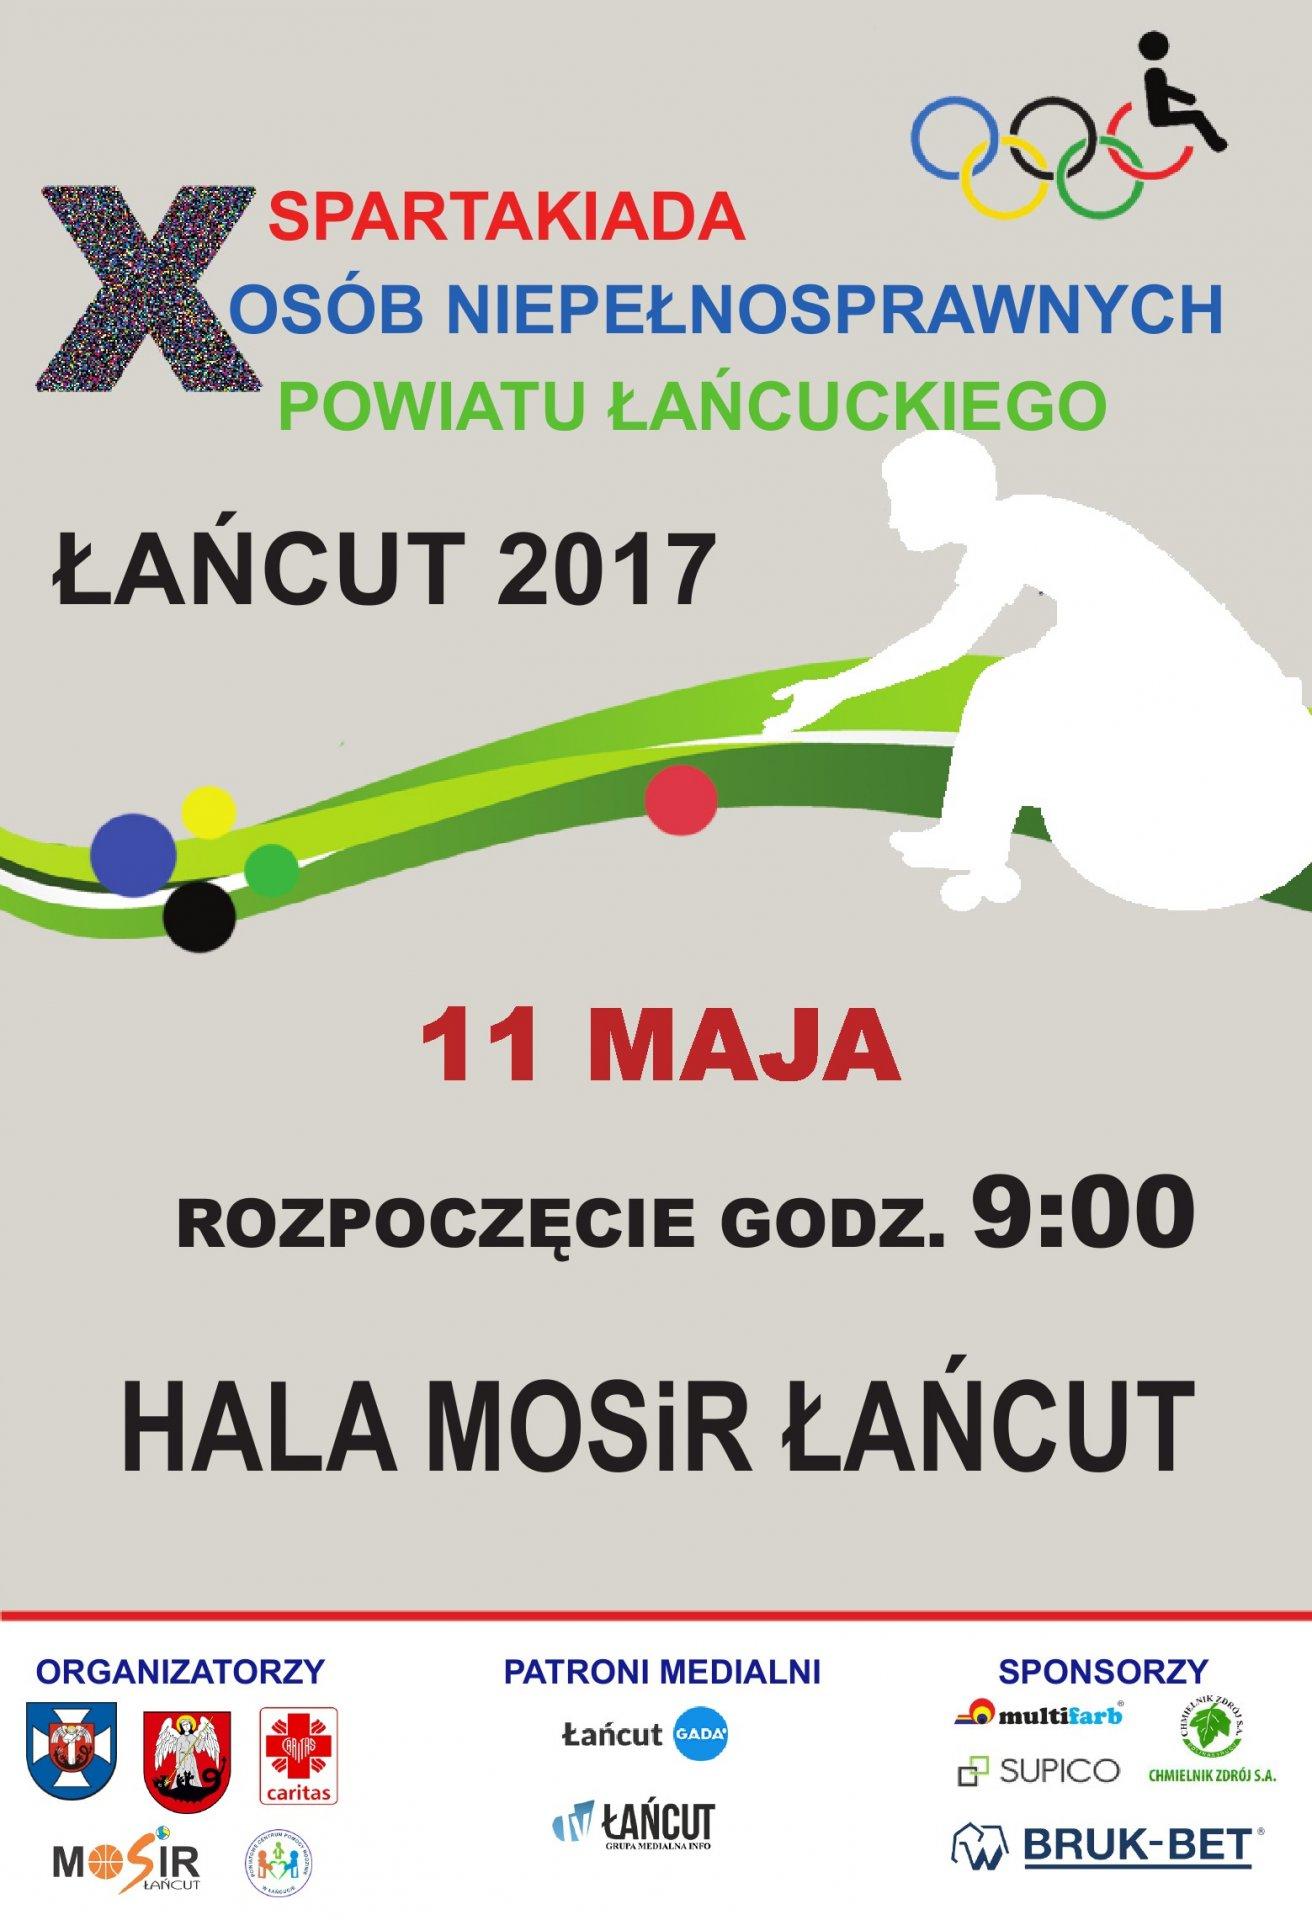 Zaproszenie na X Spartakiadę Osób Niepełnosprawnych Powiatu Łańcuckiego